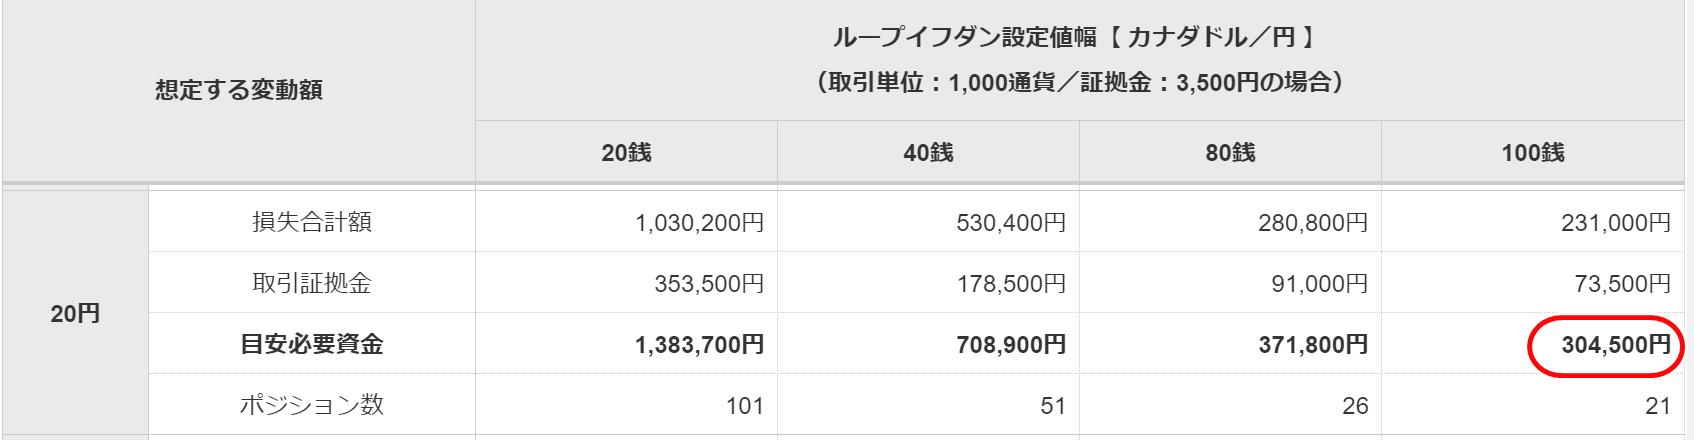 目安資金表カナダドル/円